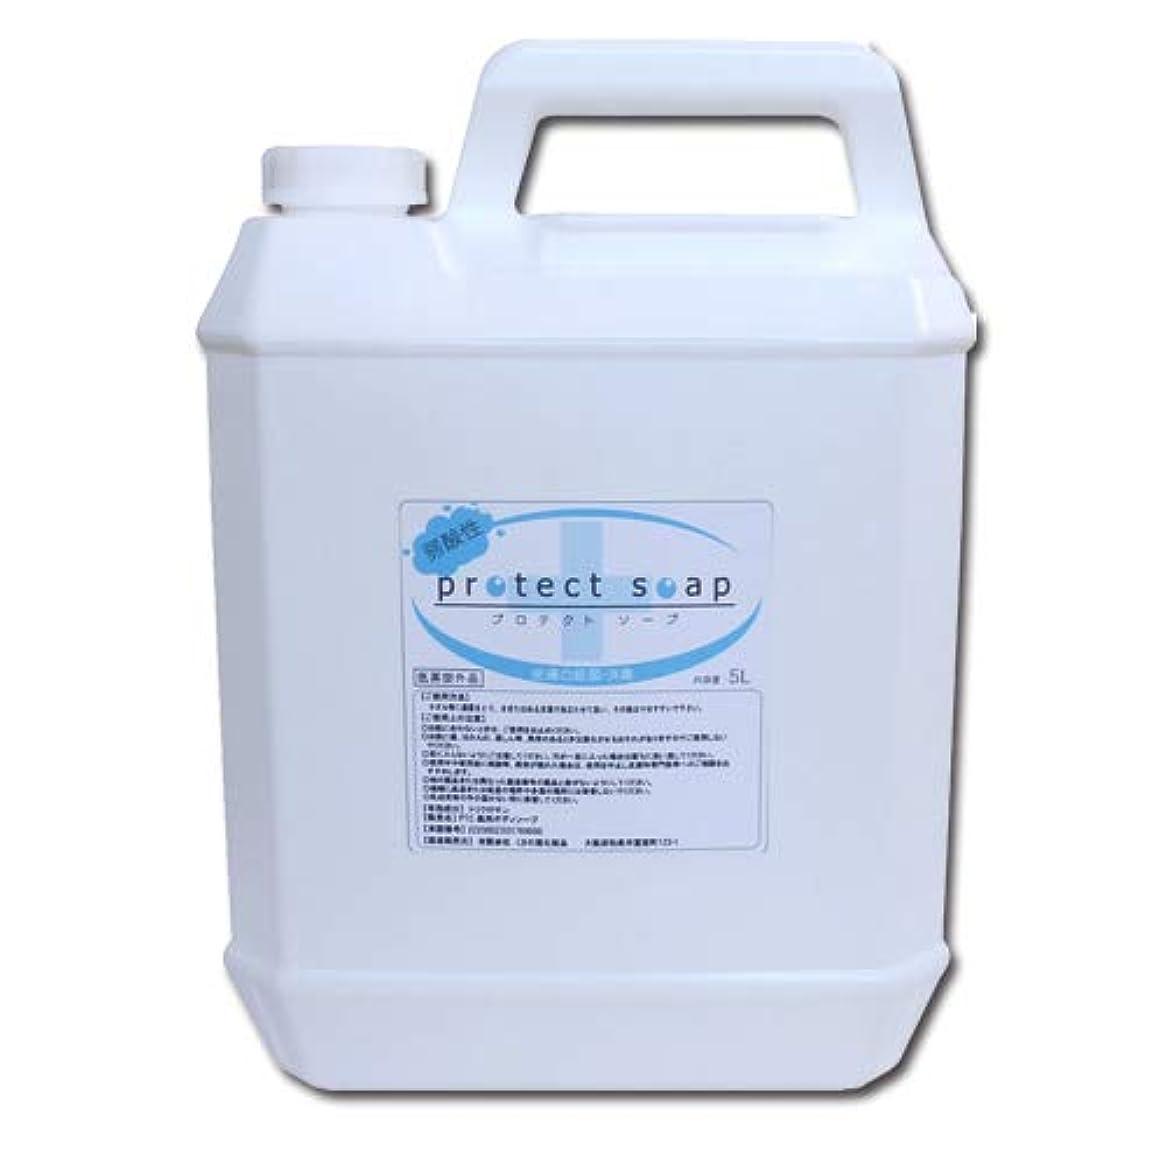 電化するお科学者低刺激弱酸性 液体石鹸 プロテクトソープ 5L 業務用│せっけん液 液体せっけん 殺菌?消毒 インフルエンザ?ノロウィルス対策